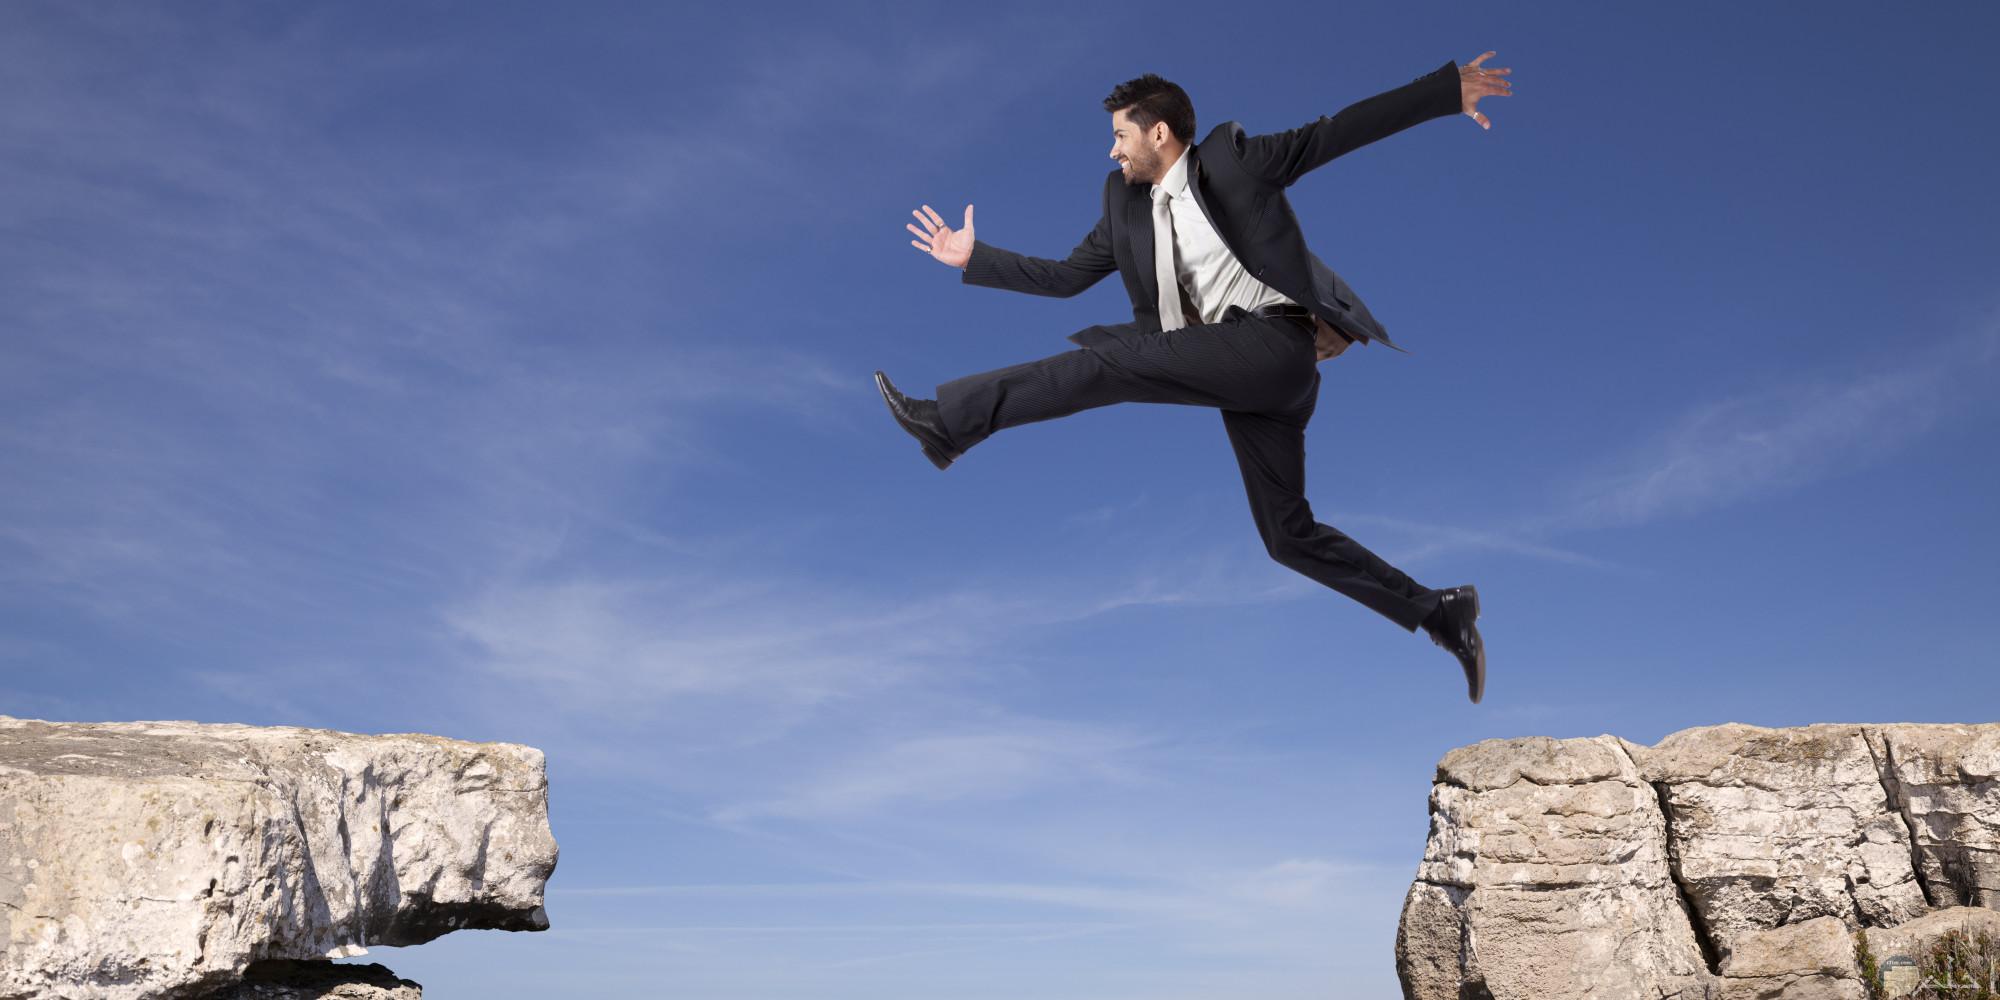 صور فوتوغرافيا أكشن لشاب يقفز من الجبال